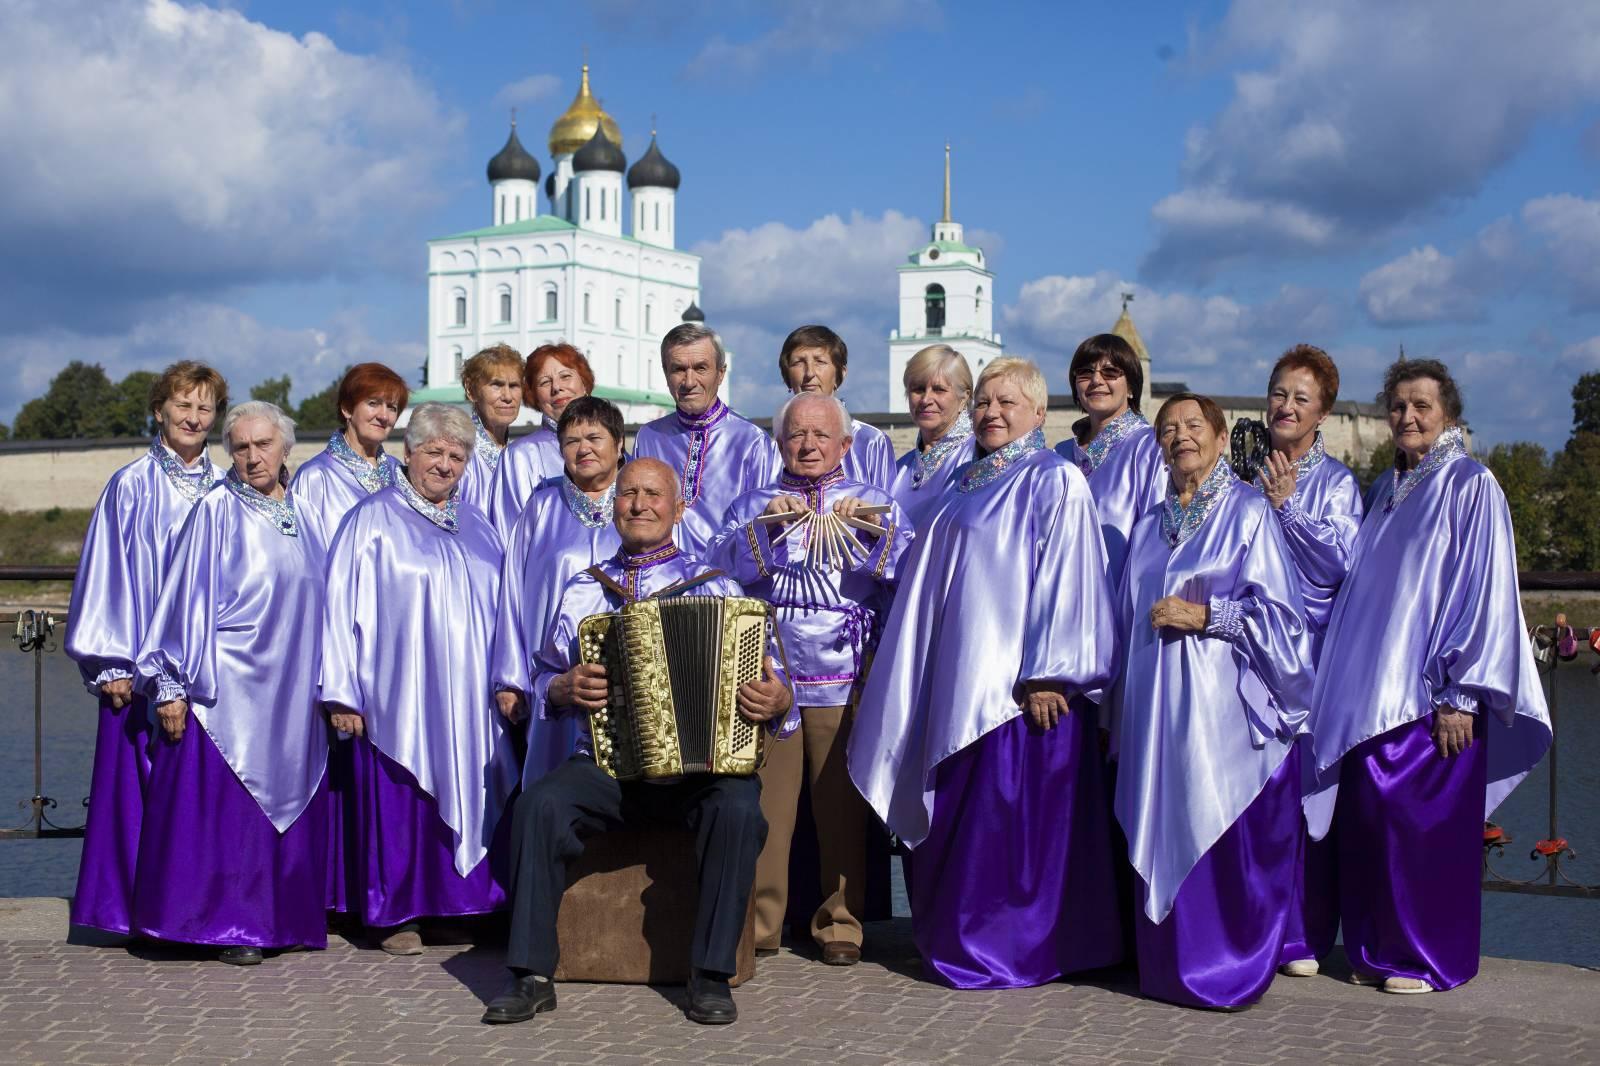 Золотые годы золотой век церковь Божья Псков